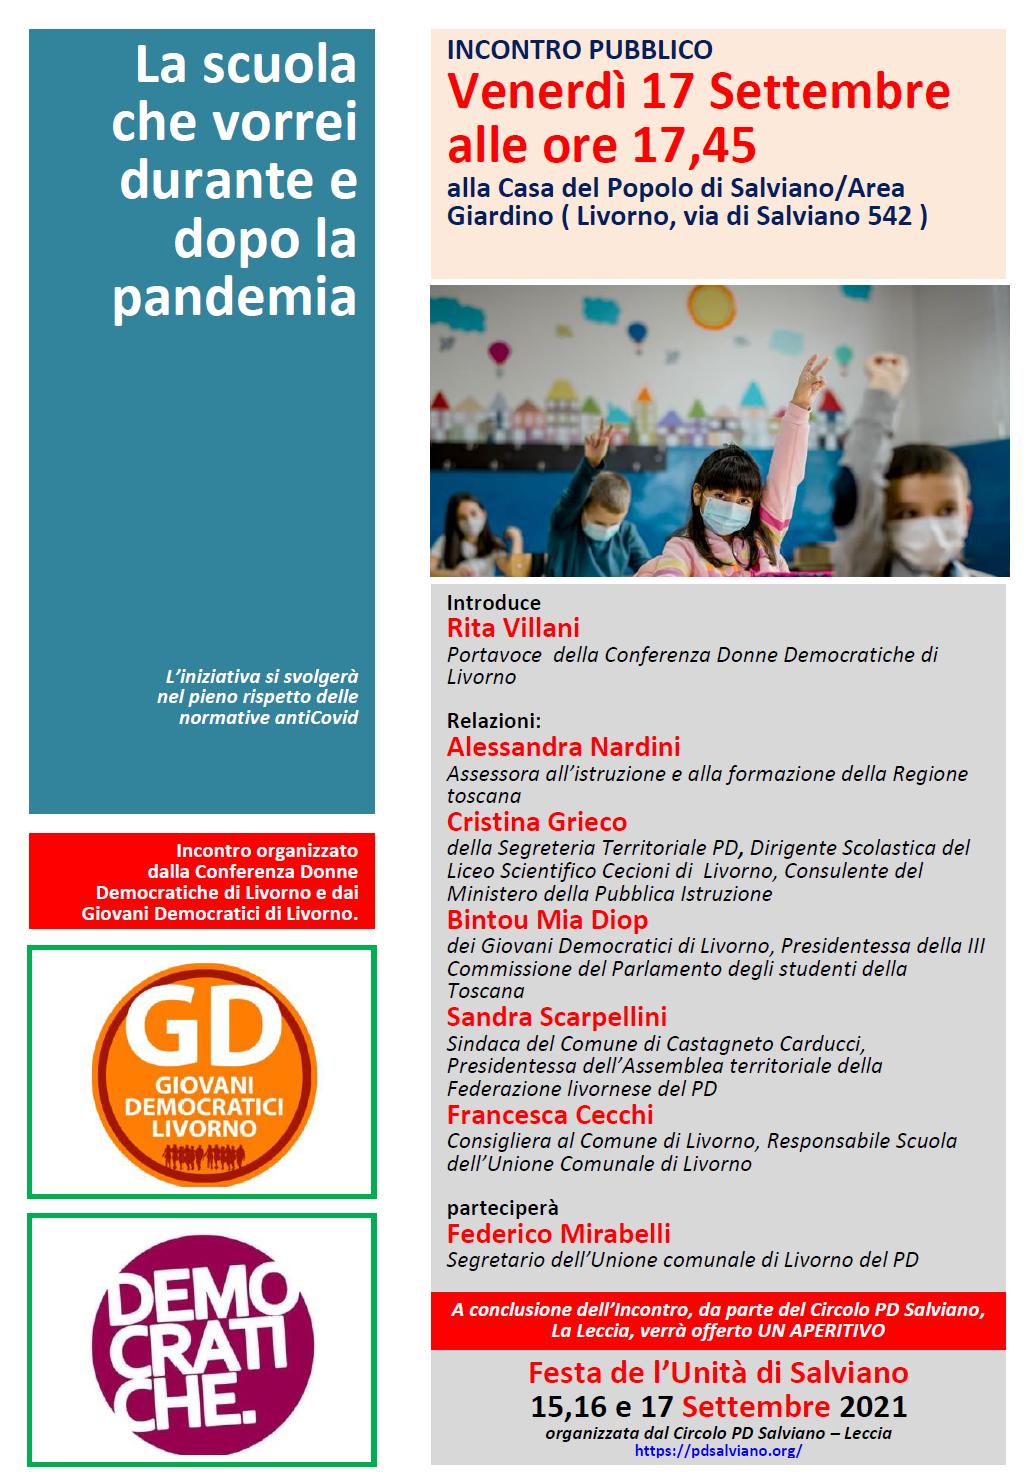 Conferenza donne, Dibattito sulla scuola del 17 Settembre